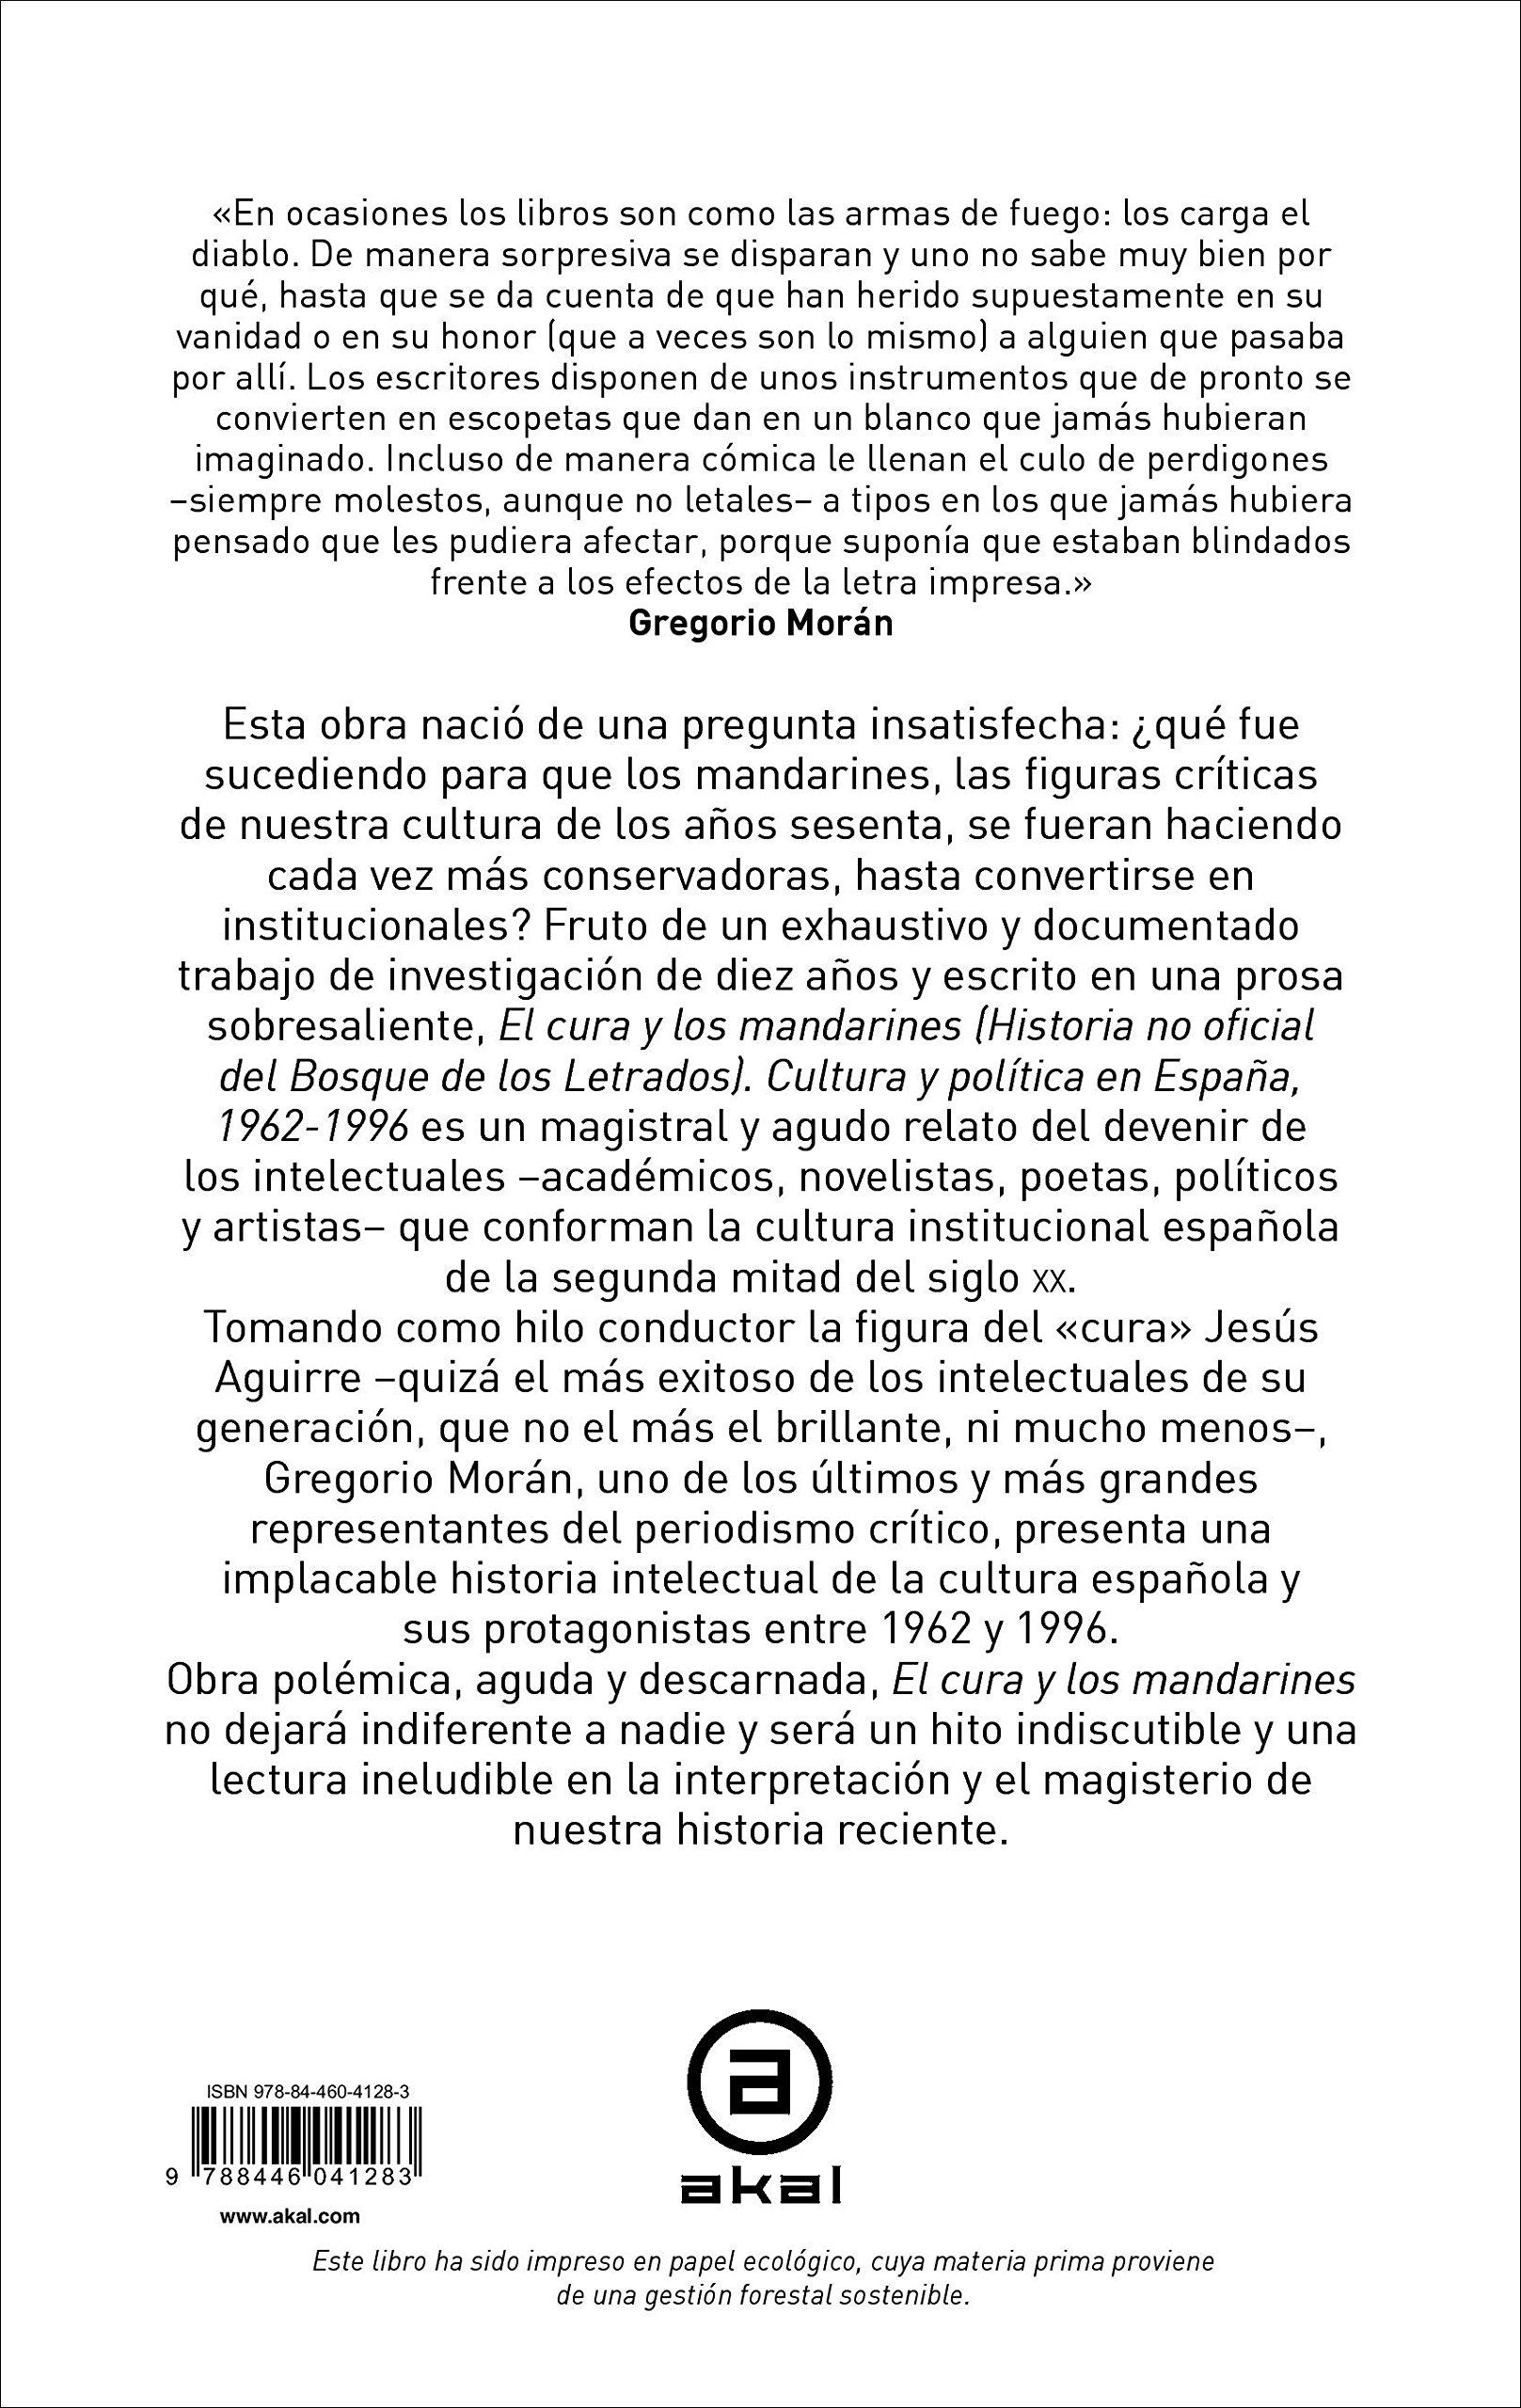 El cura y los mandarines Historia no oficial del Bosque de los ...